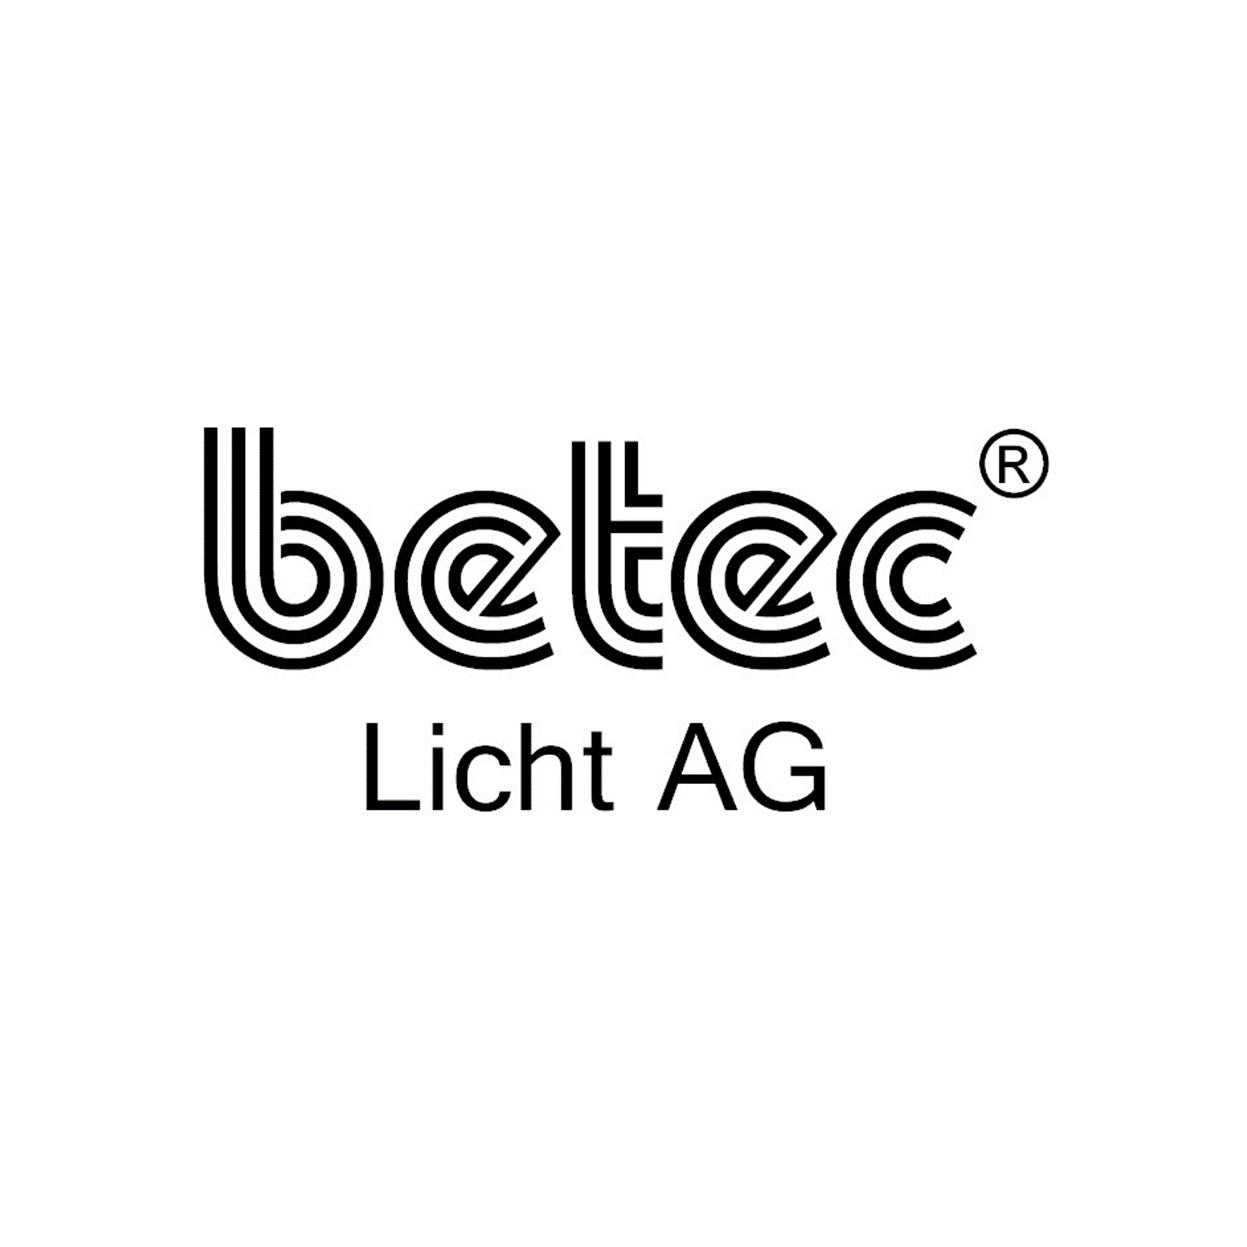 betec - Objekte Licht & Raum GmbH in Hamburg